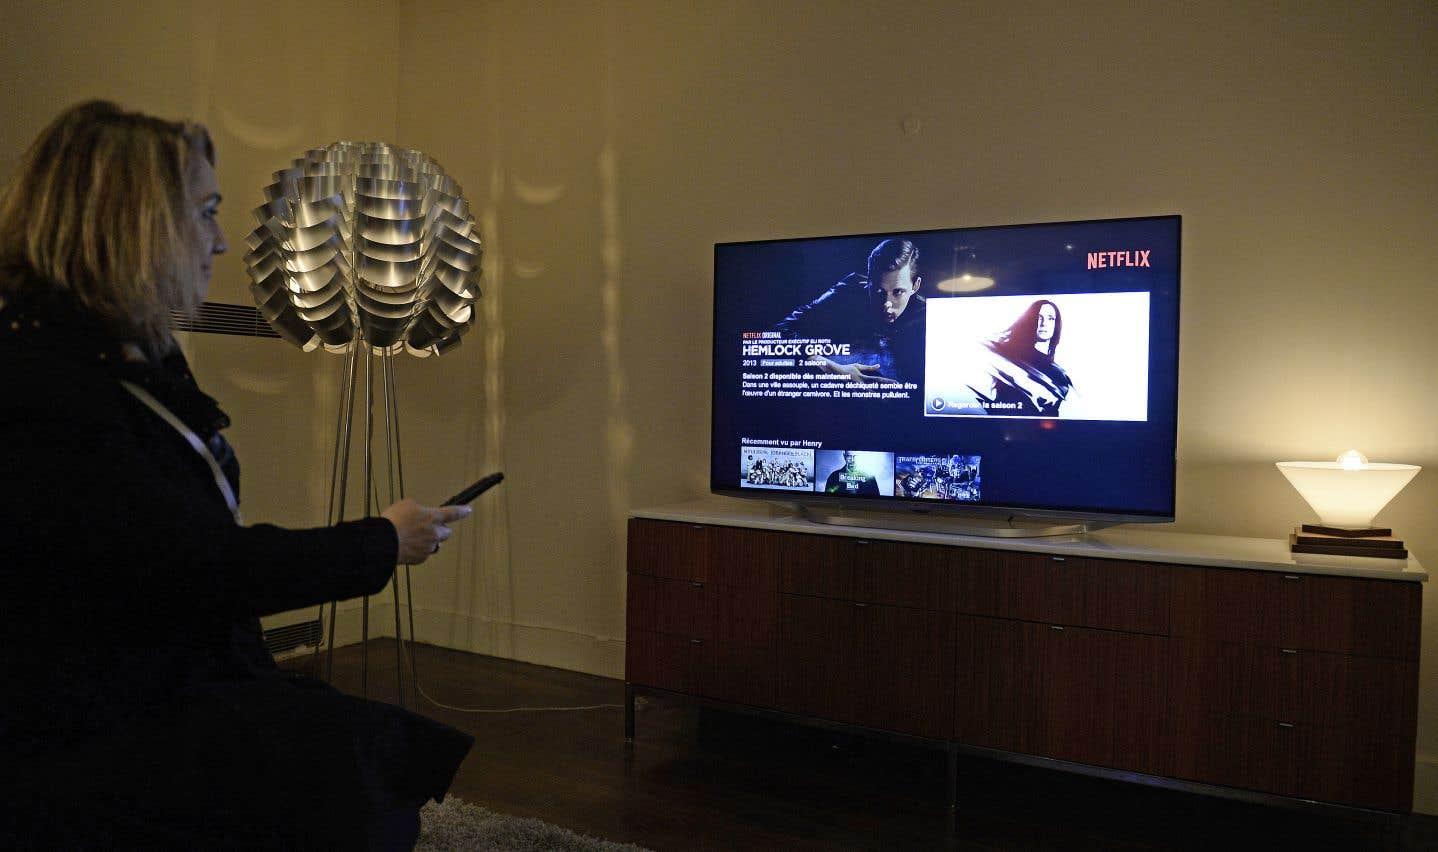 Un tiers des foyers québécois est abonné à Netflix, selon le CEFRIO